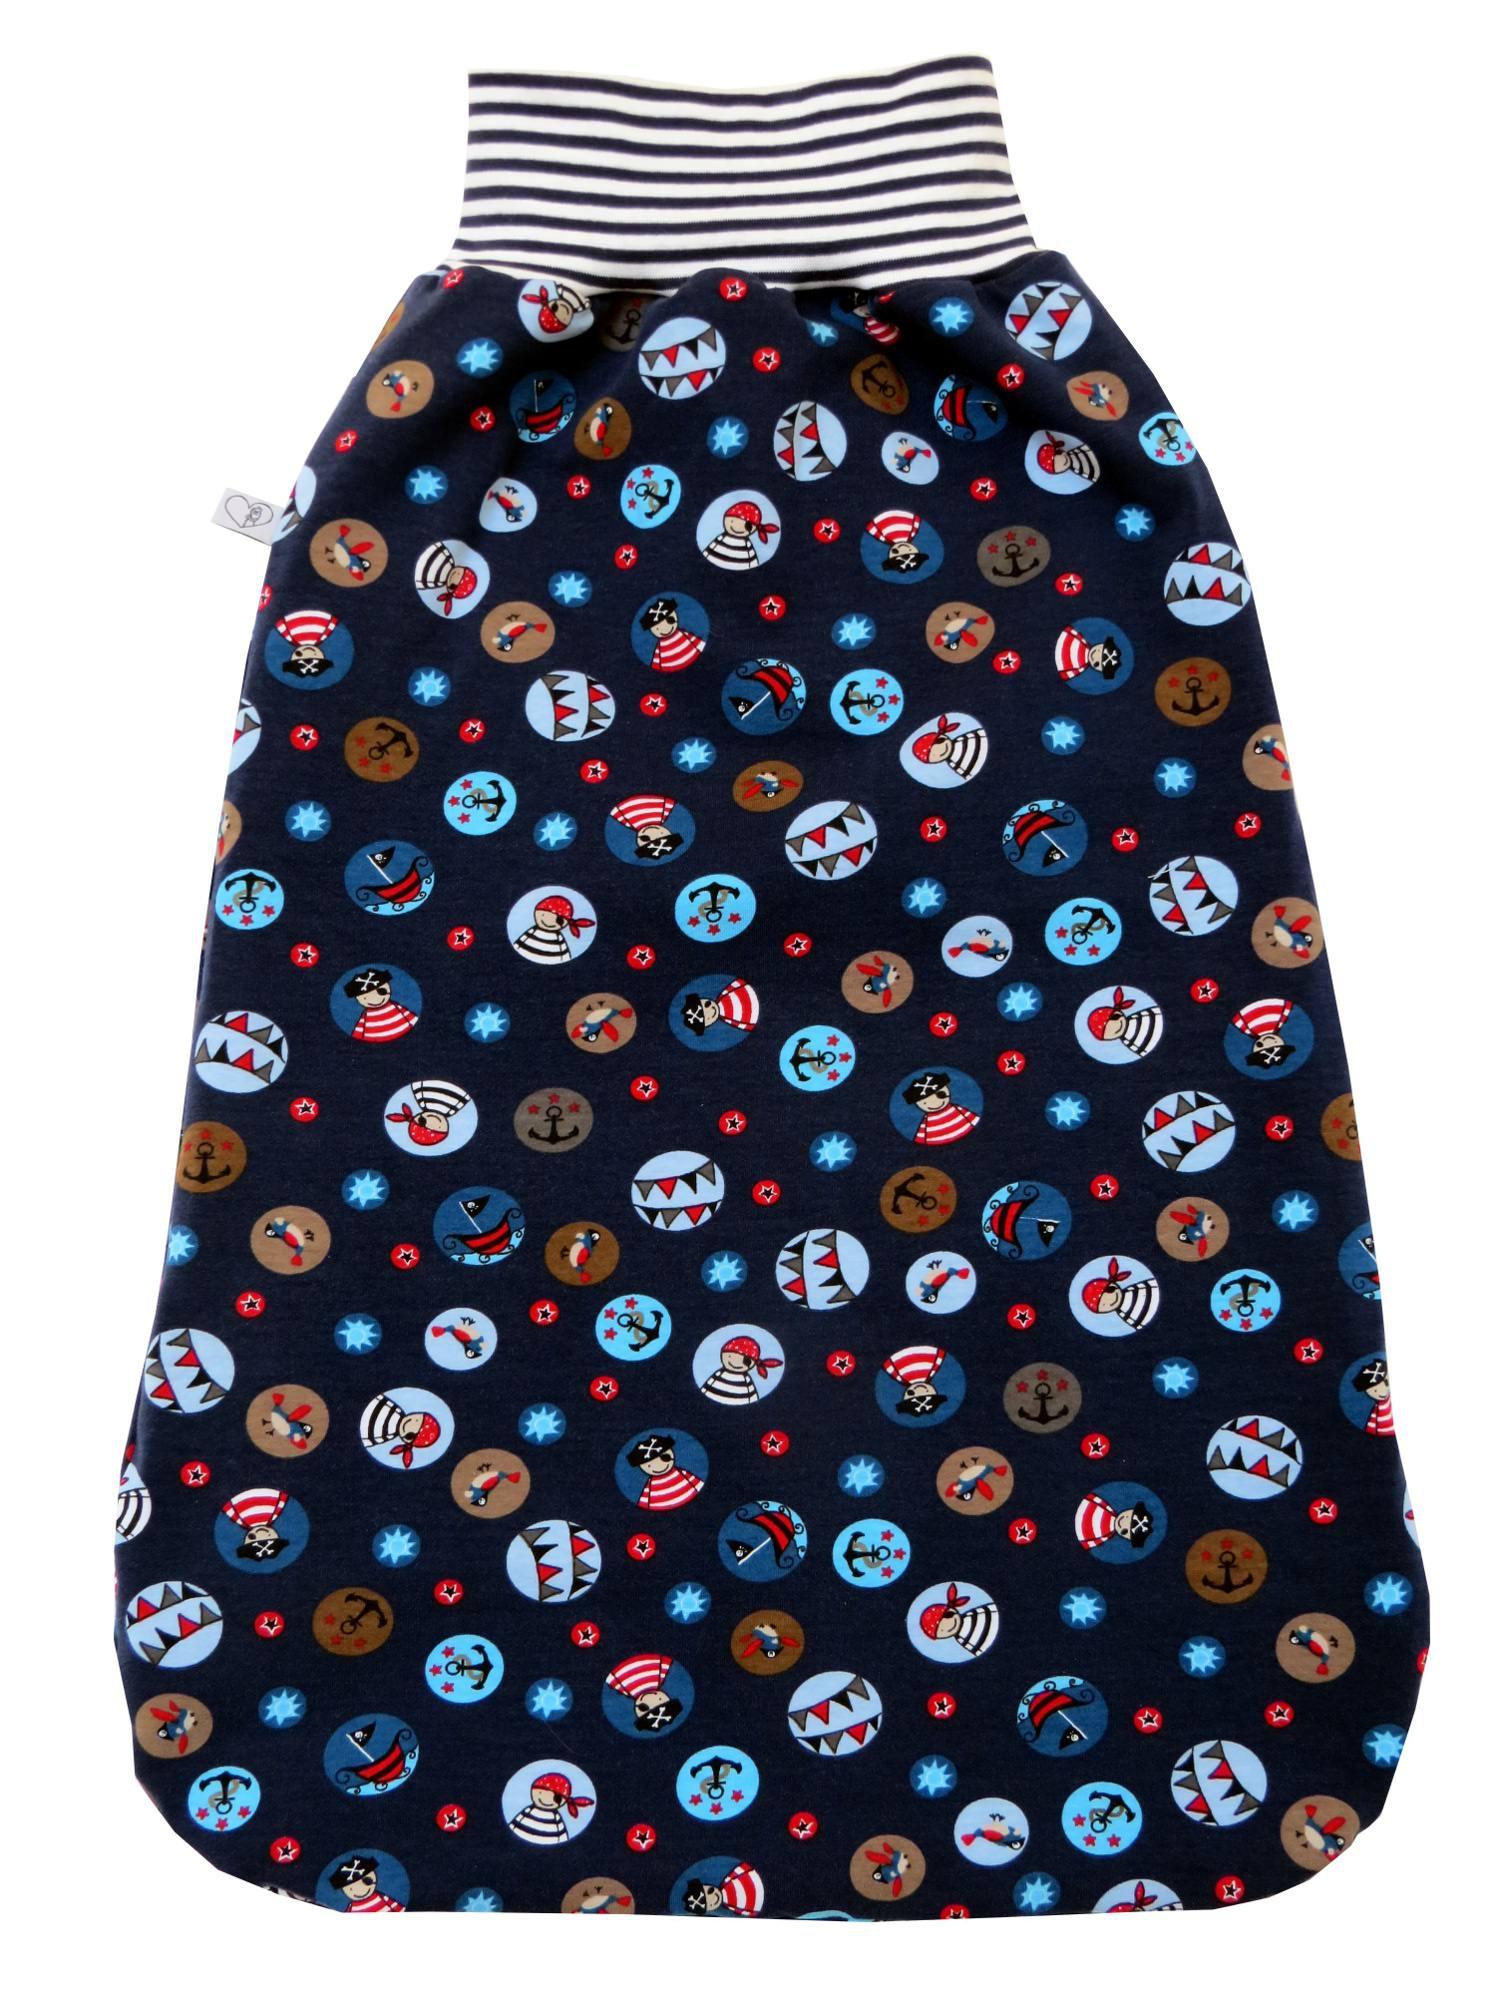 Kleinesbild - Schlafsack Piraten Fußsack Pucksack in blau mit Piratenmotiven